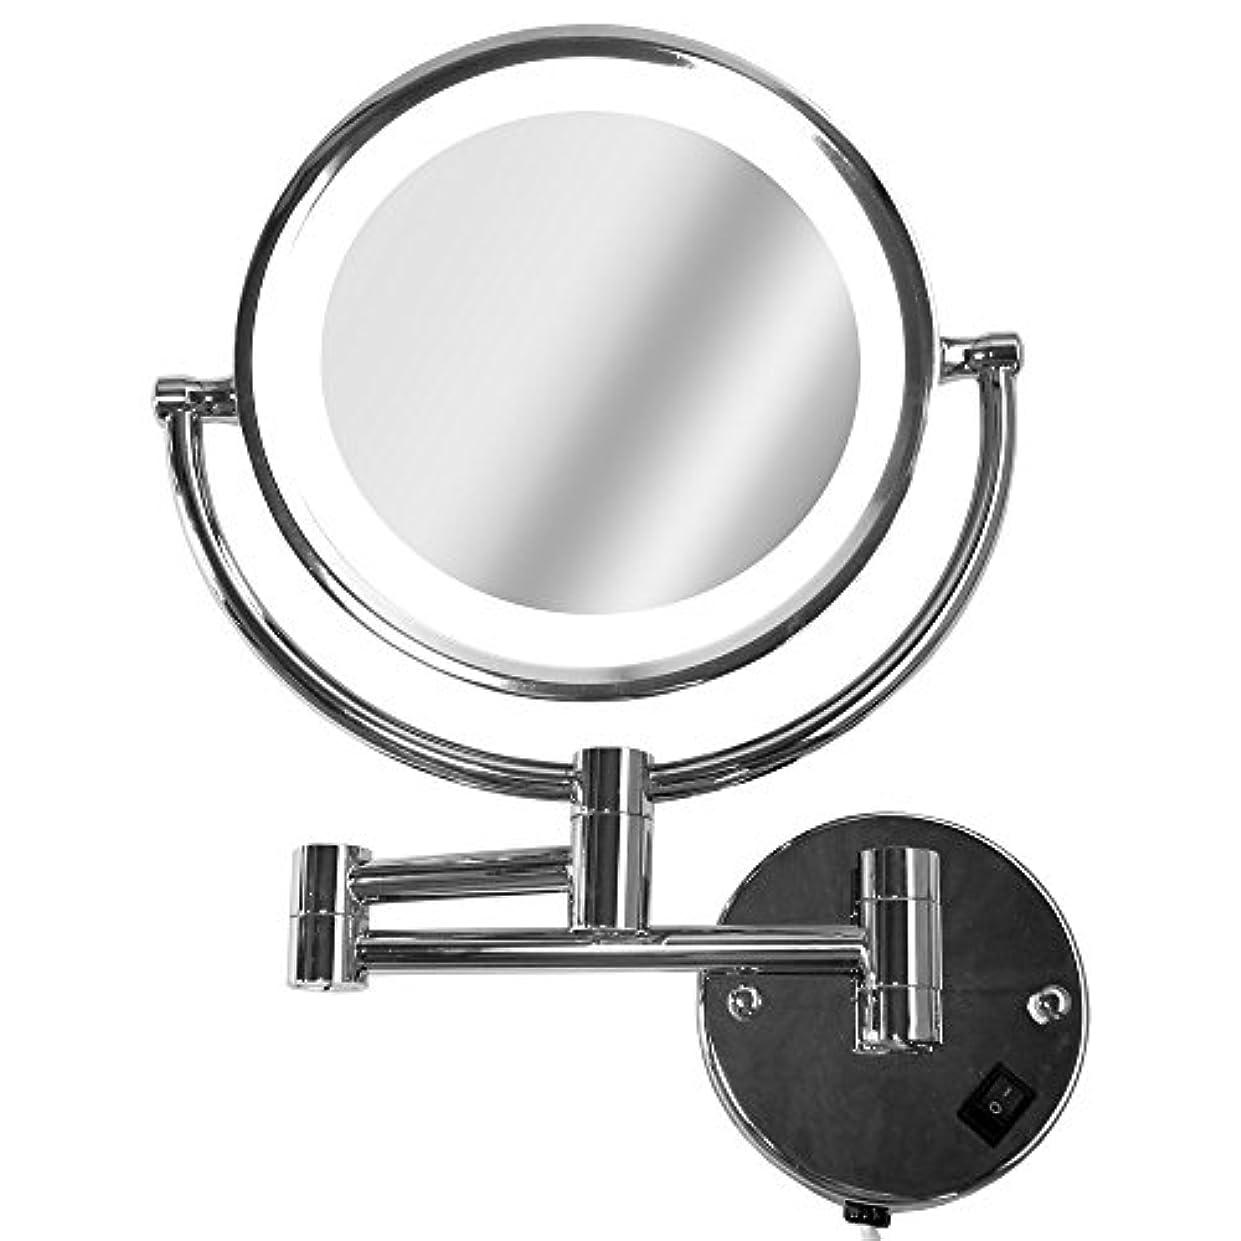 出発する心理的にがっかりするLa Curie アームミラー 壁付けミラー 拡大鏡 折りたたみホテルミラー LEDライト付 5倍 LaCurie014